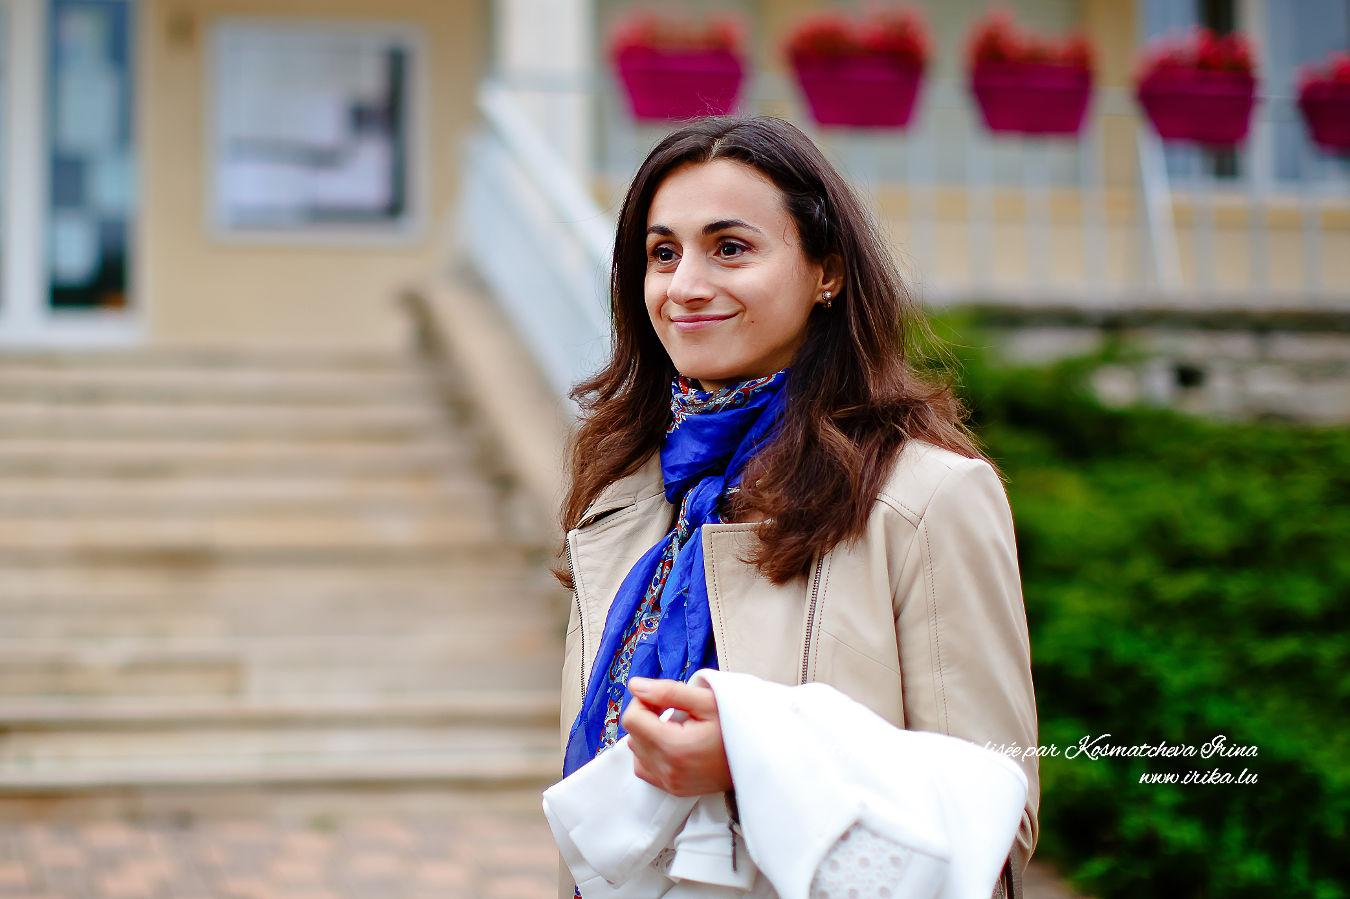 Une française souriante